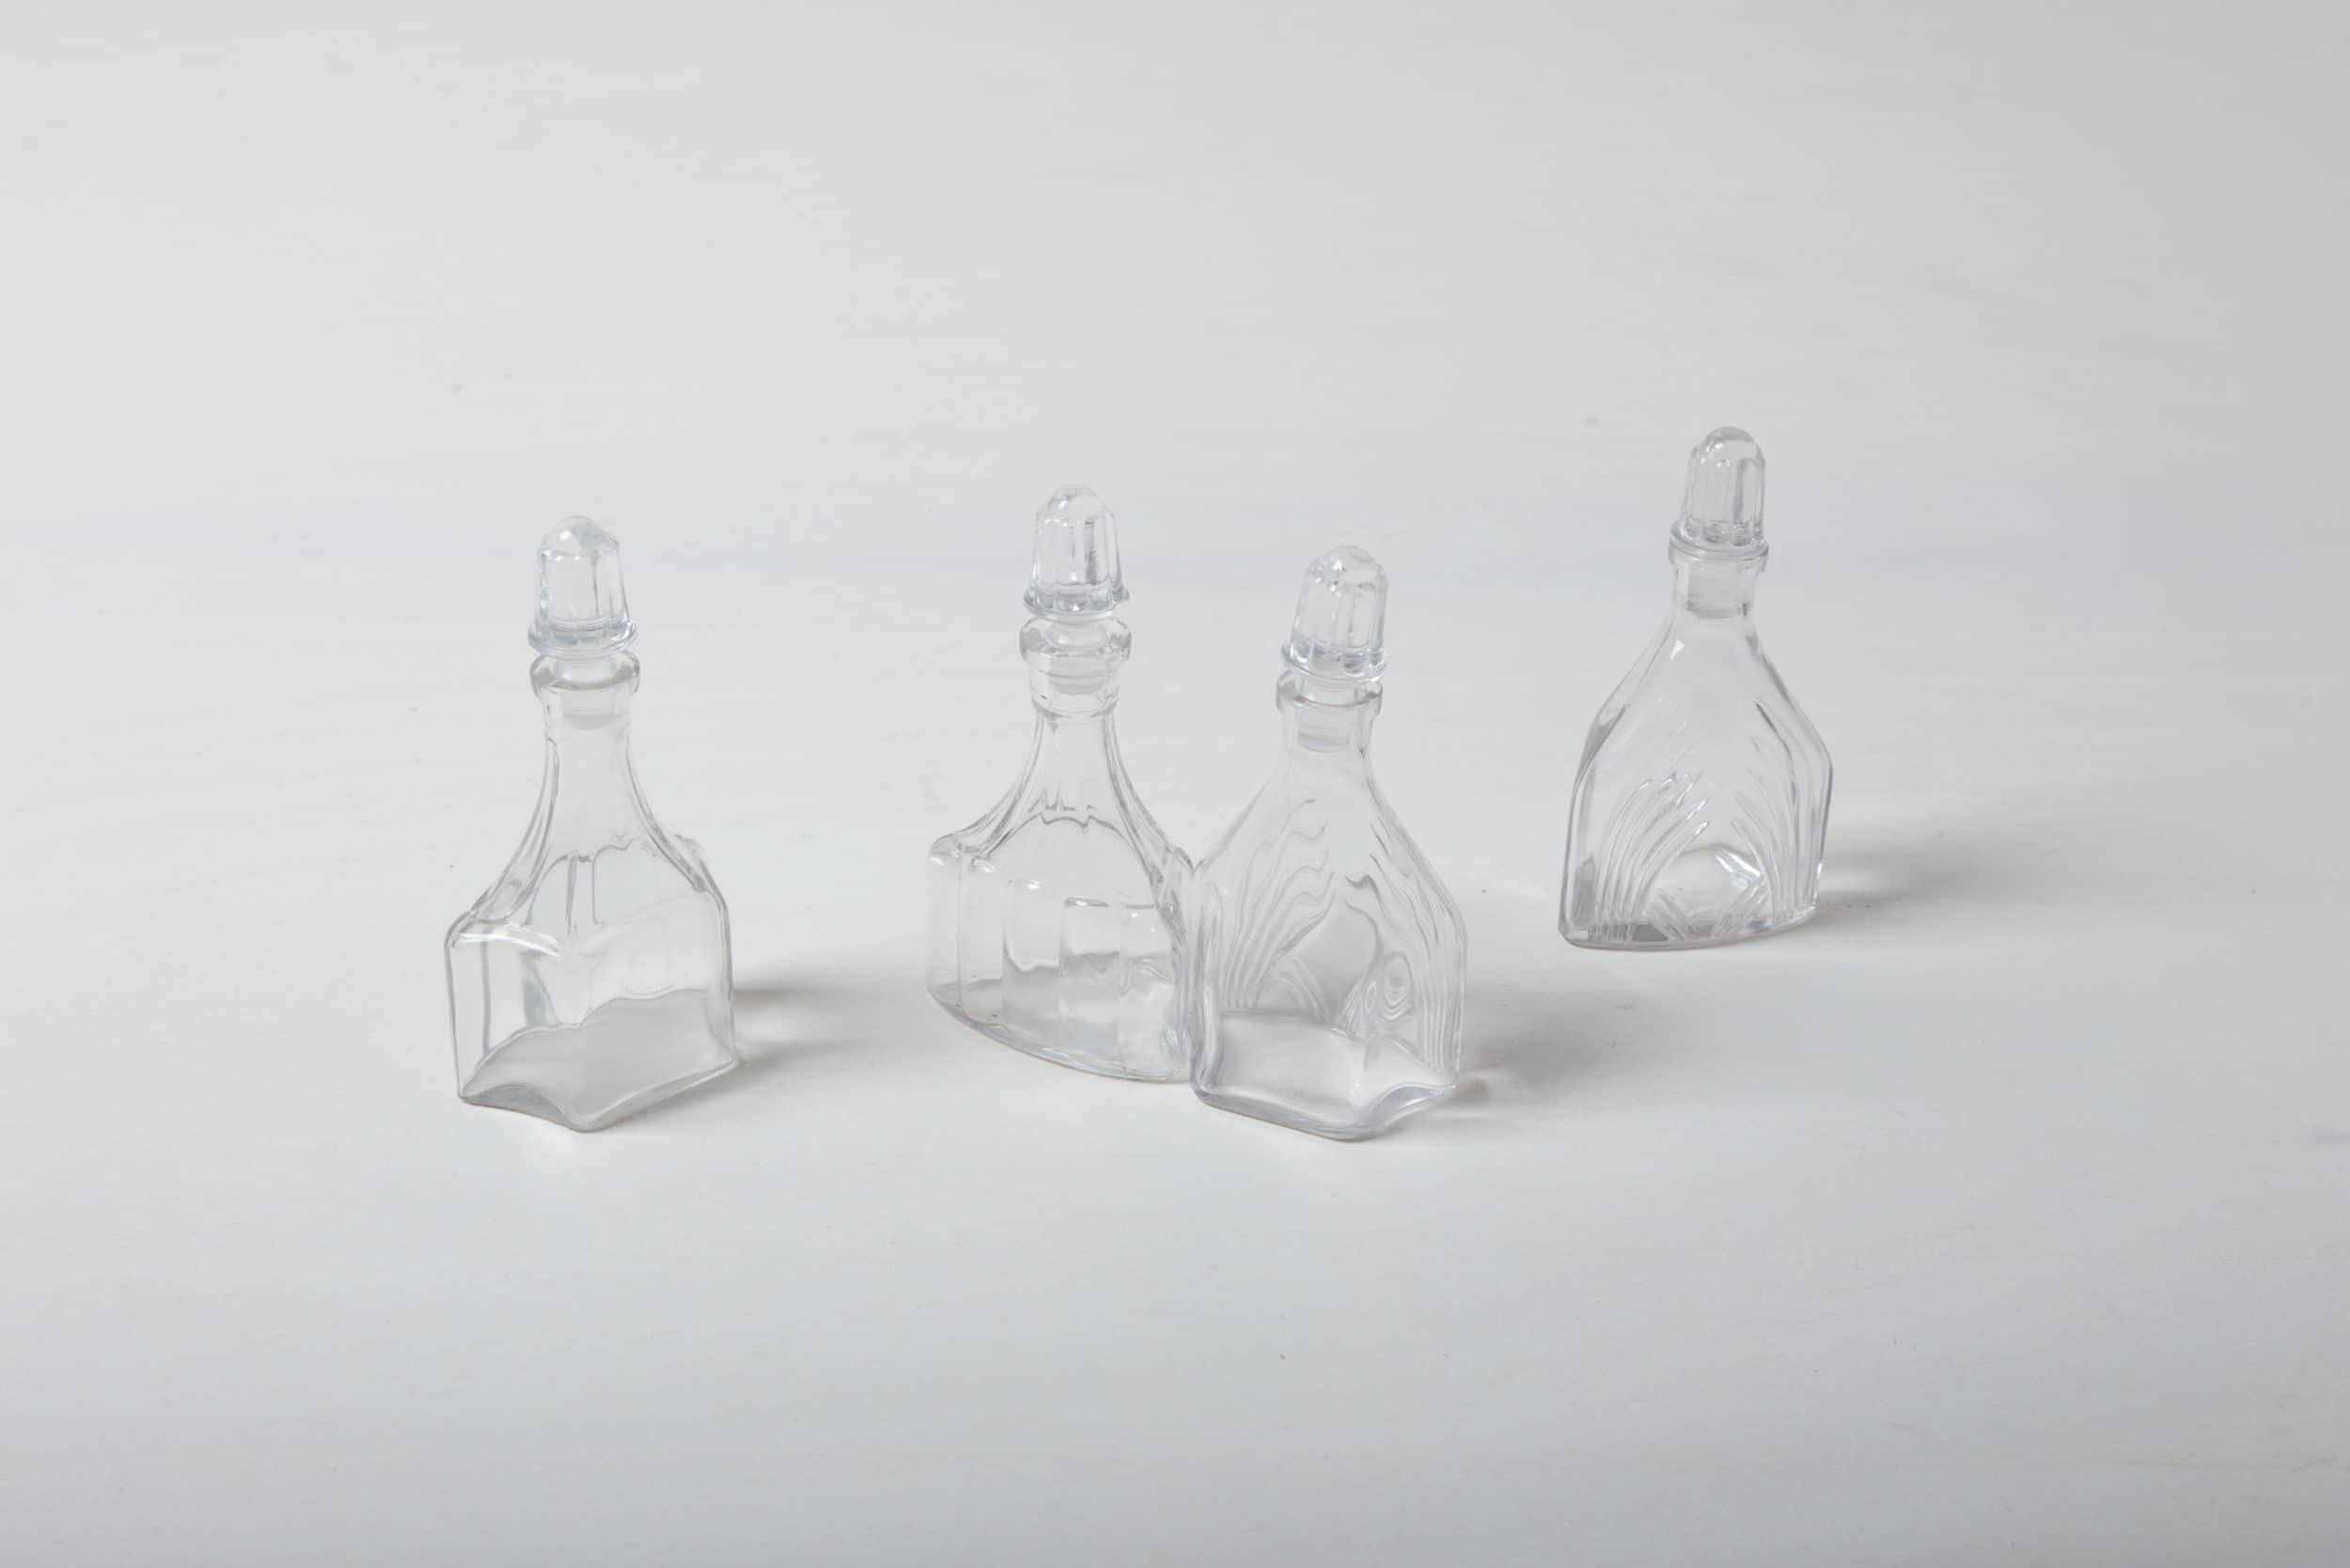 Früher wurde in diesen romantischen Kristallkaraffen Essig und Öl serviert. In ihrem neuen Leben sehen diese kleinen Glasfläschchen immer noch toll auf dem Tisch aus, jetzt als Vase für zarte Wiesenblümchen und elegante Gräser. Egal, ob einzeln oder in Gruppen drapiert. Die Kristallfläschen passen sehr schön zu unseren anderen Kristallkaraffen und -schälchen.